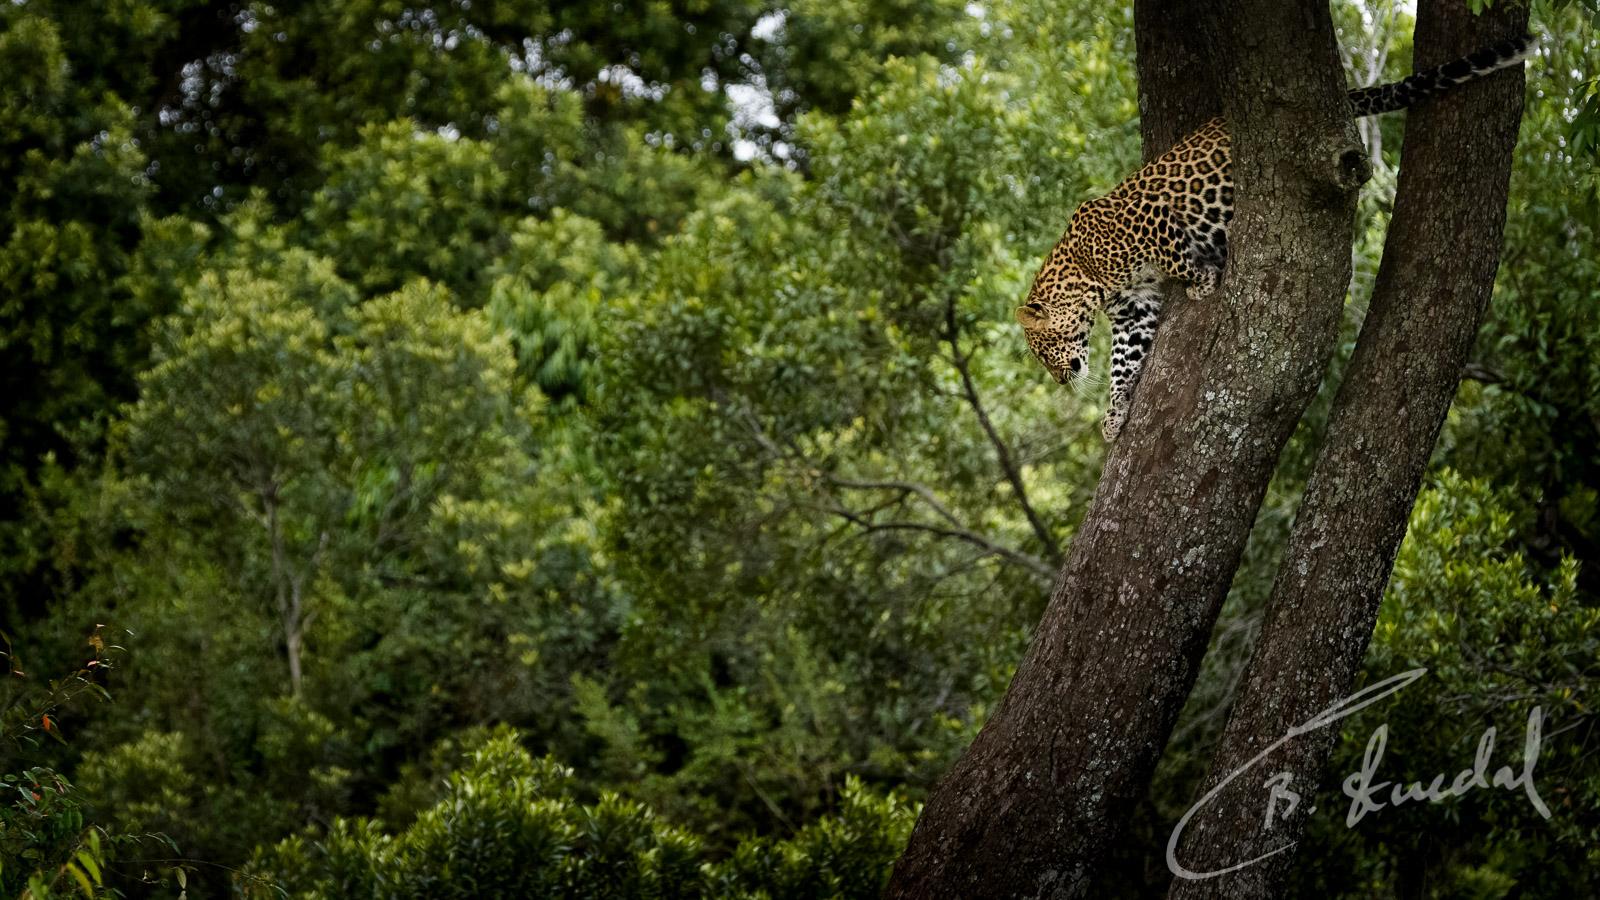 Leopard descent